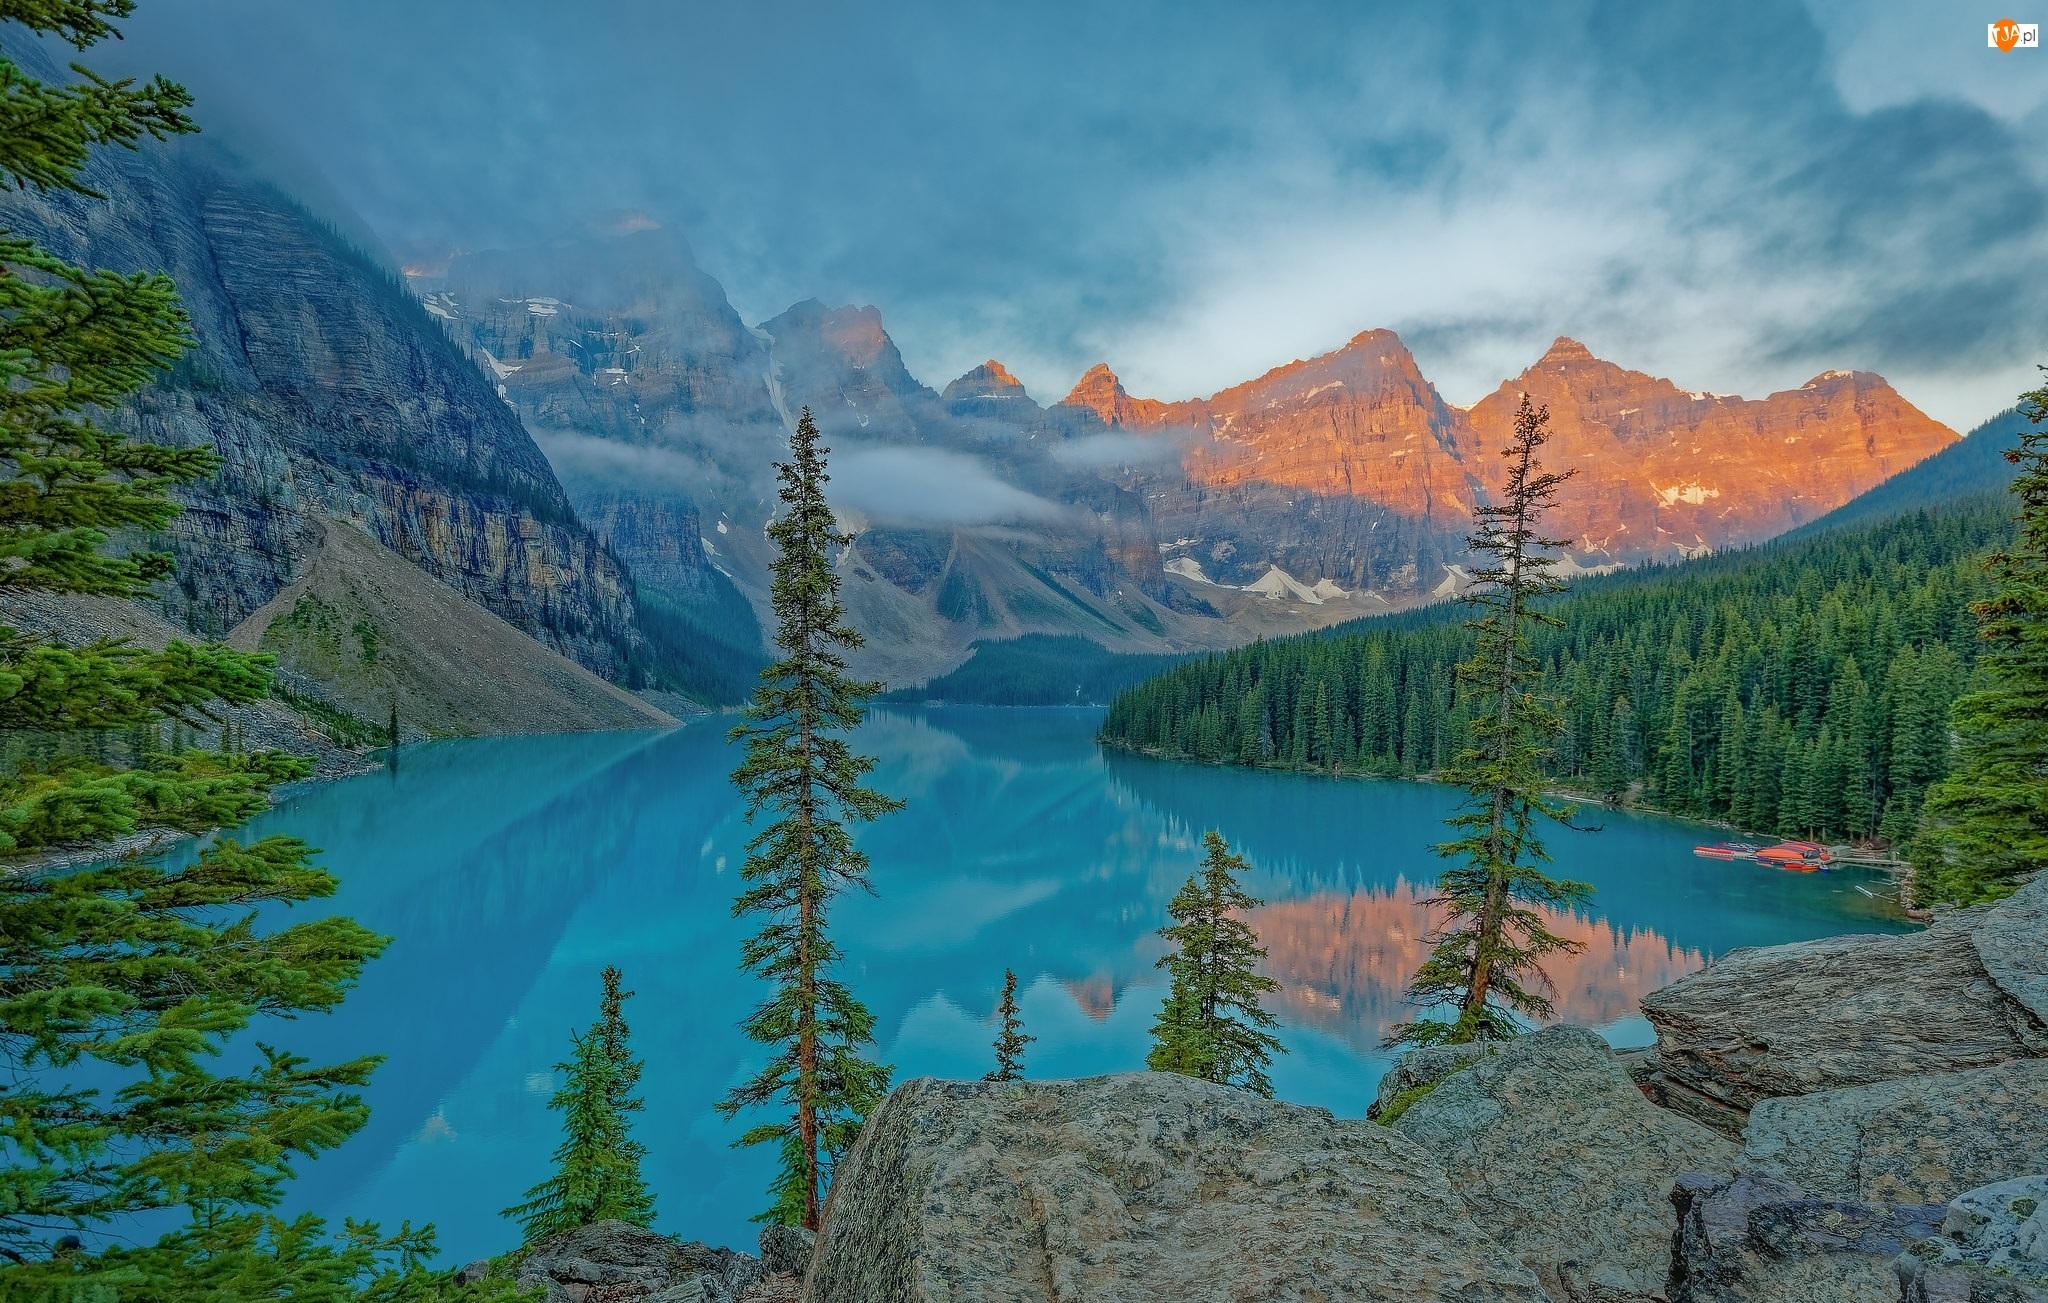 Skały, Park Narodowy Banff, Jezioro Moraine, Prowincja Alberta, Dolina Dziesięciu Szczytów, Świerki, Kanada, Góry